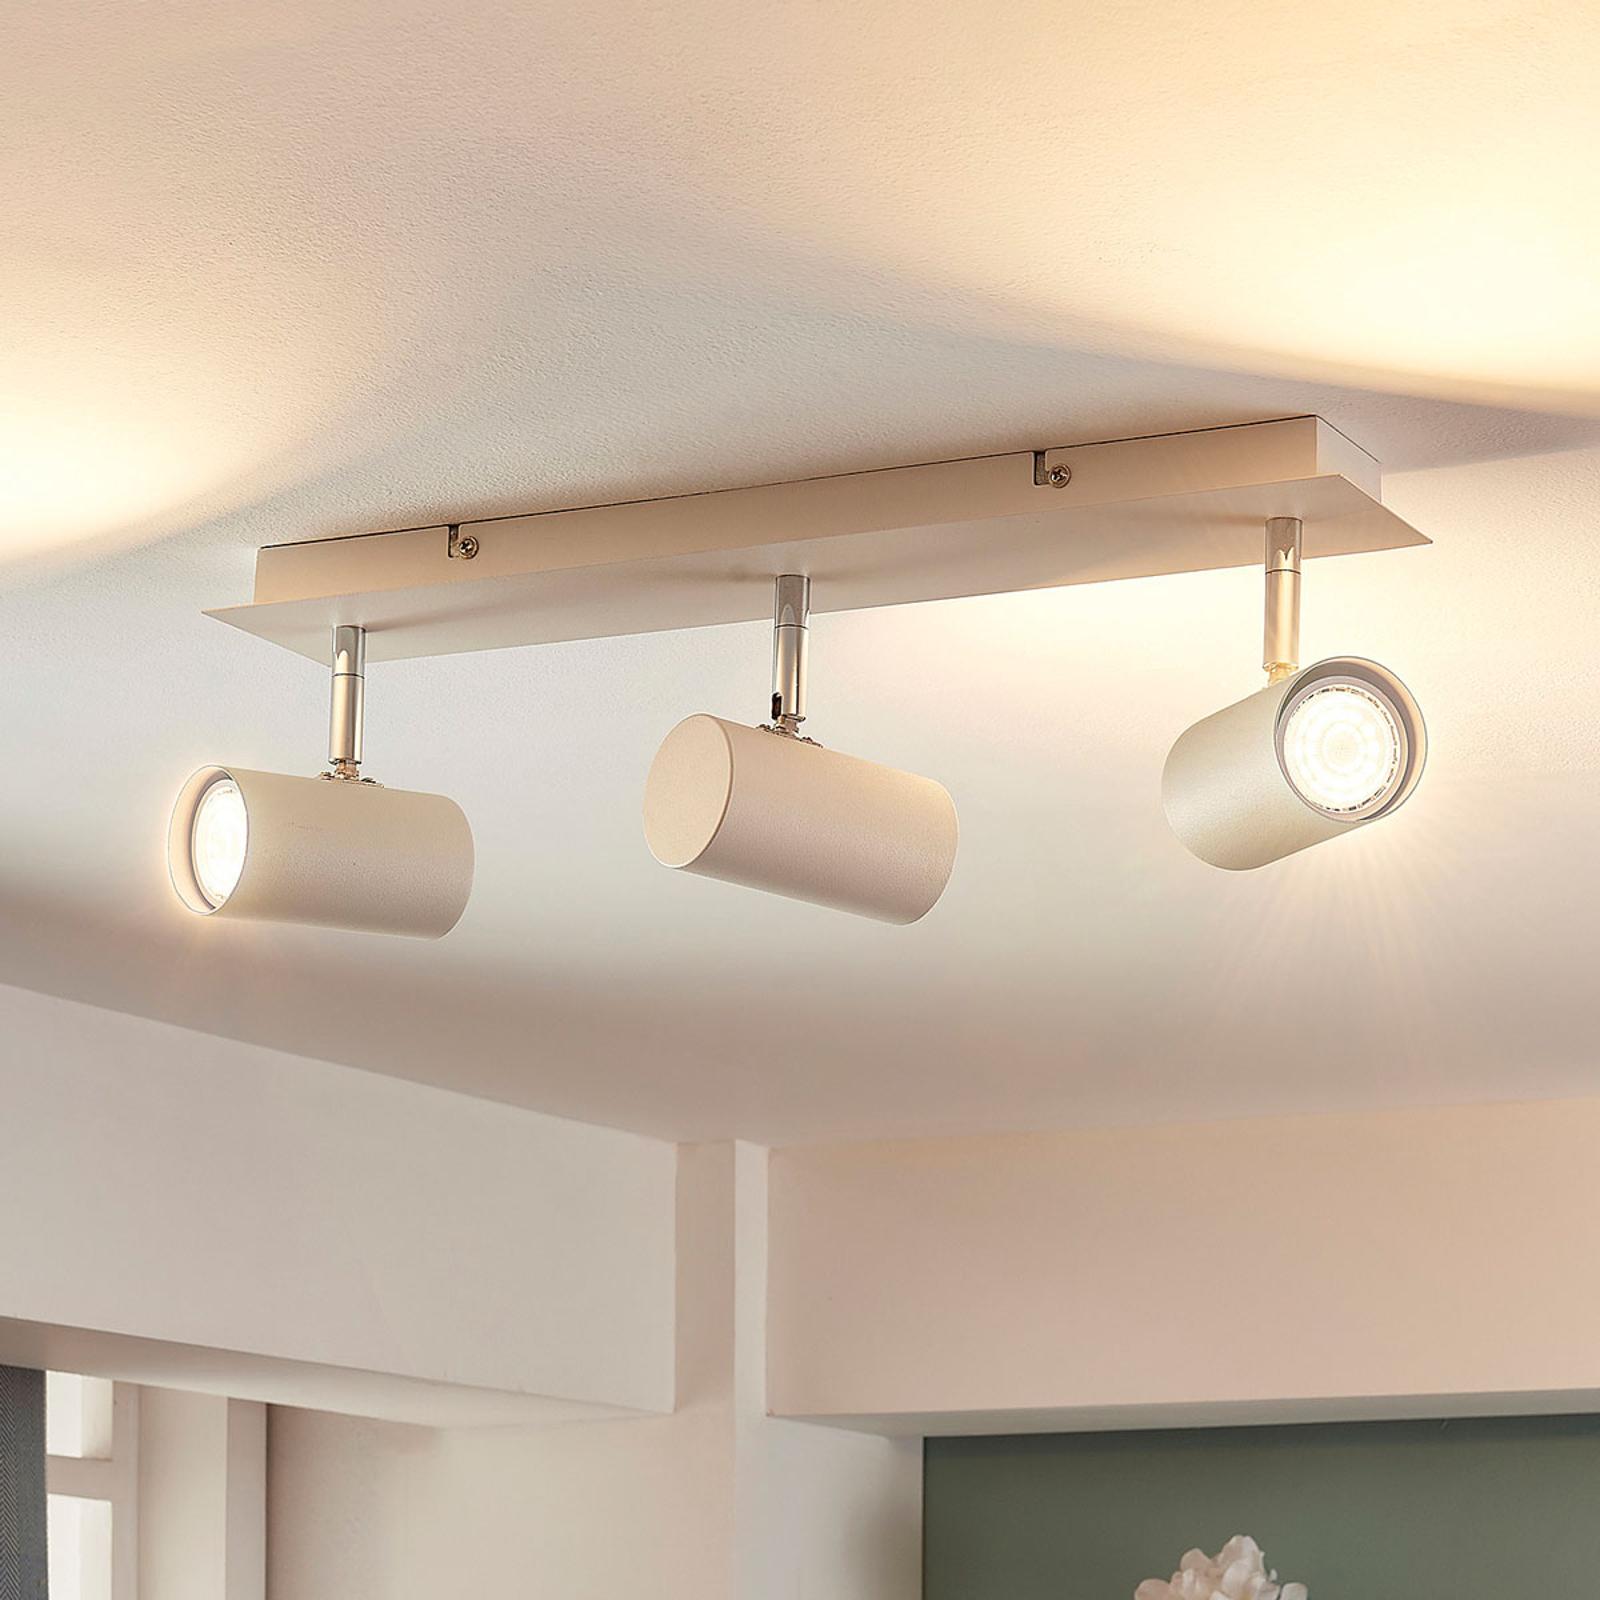 Trzypunktowa lampa sufitowa LED Iluk, biała